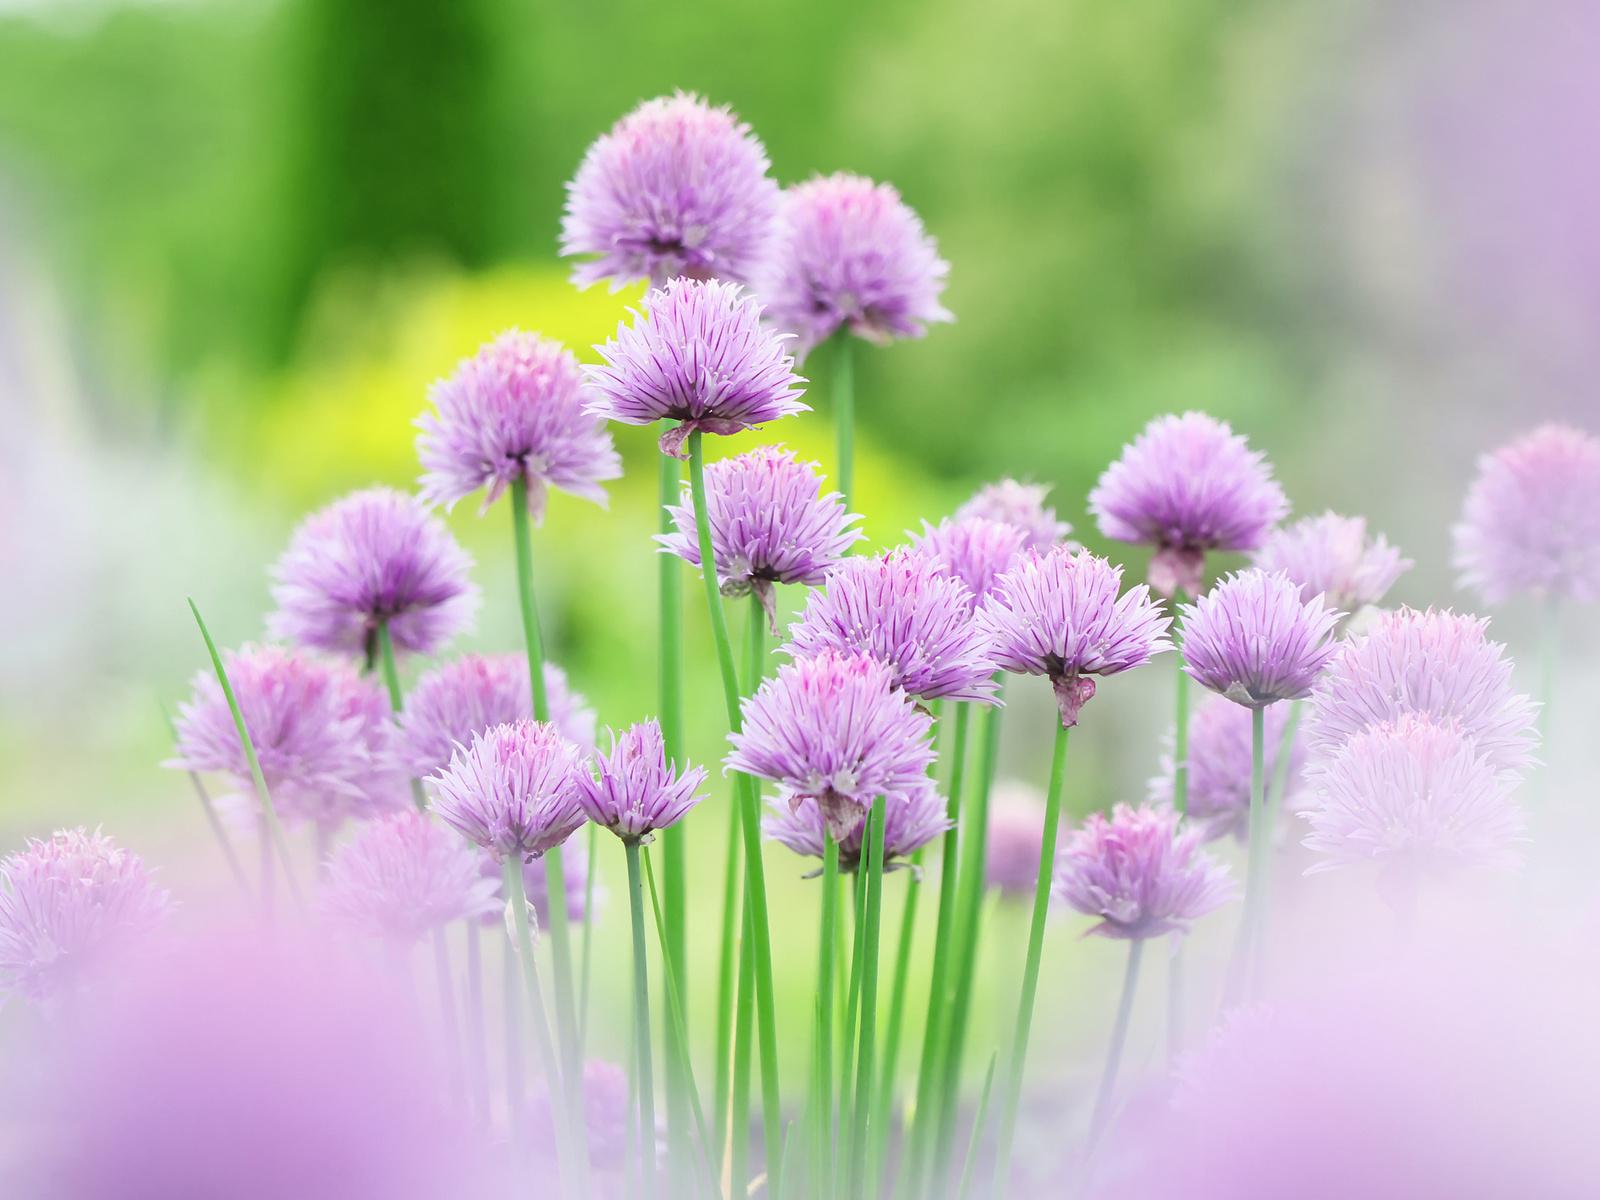 Fondo Primavera álbum Classic Flores Violetas: Imagenes De Flores Moradas